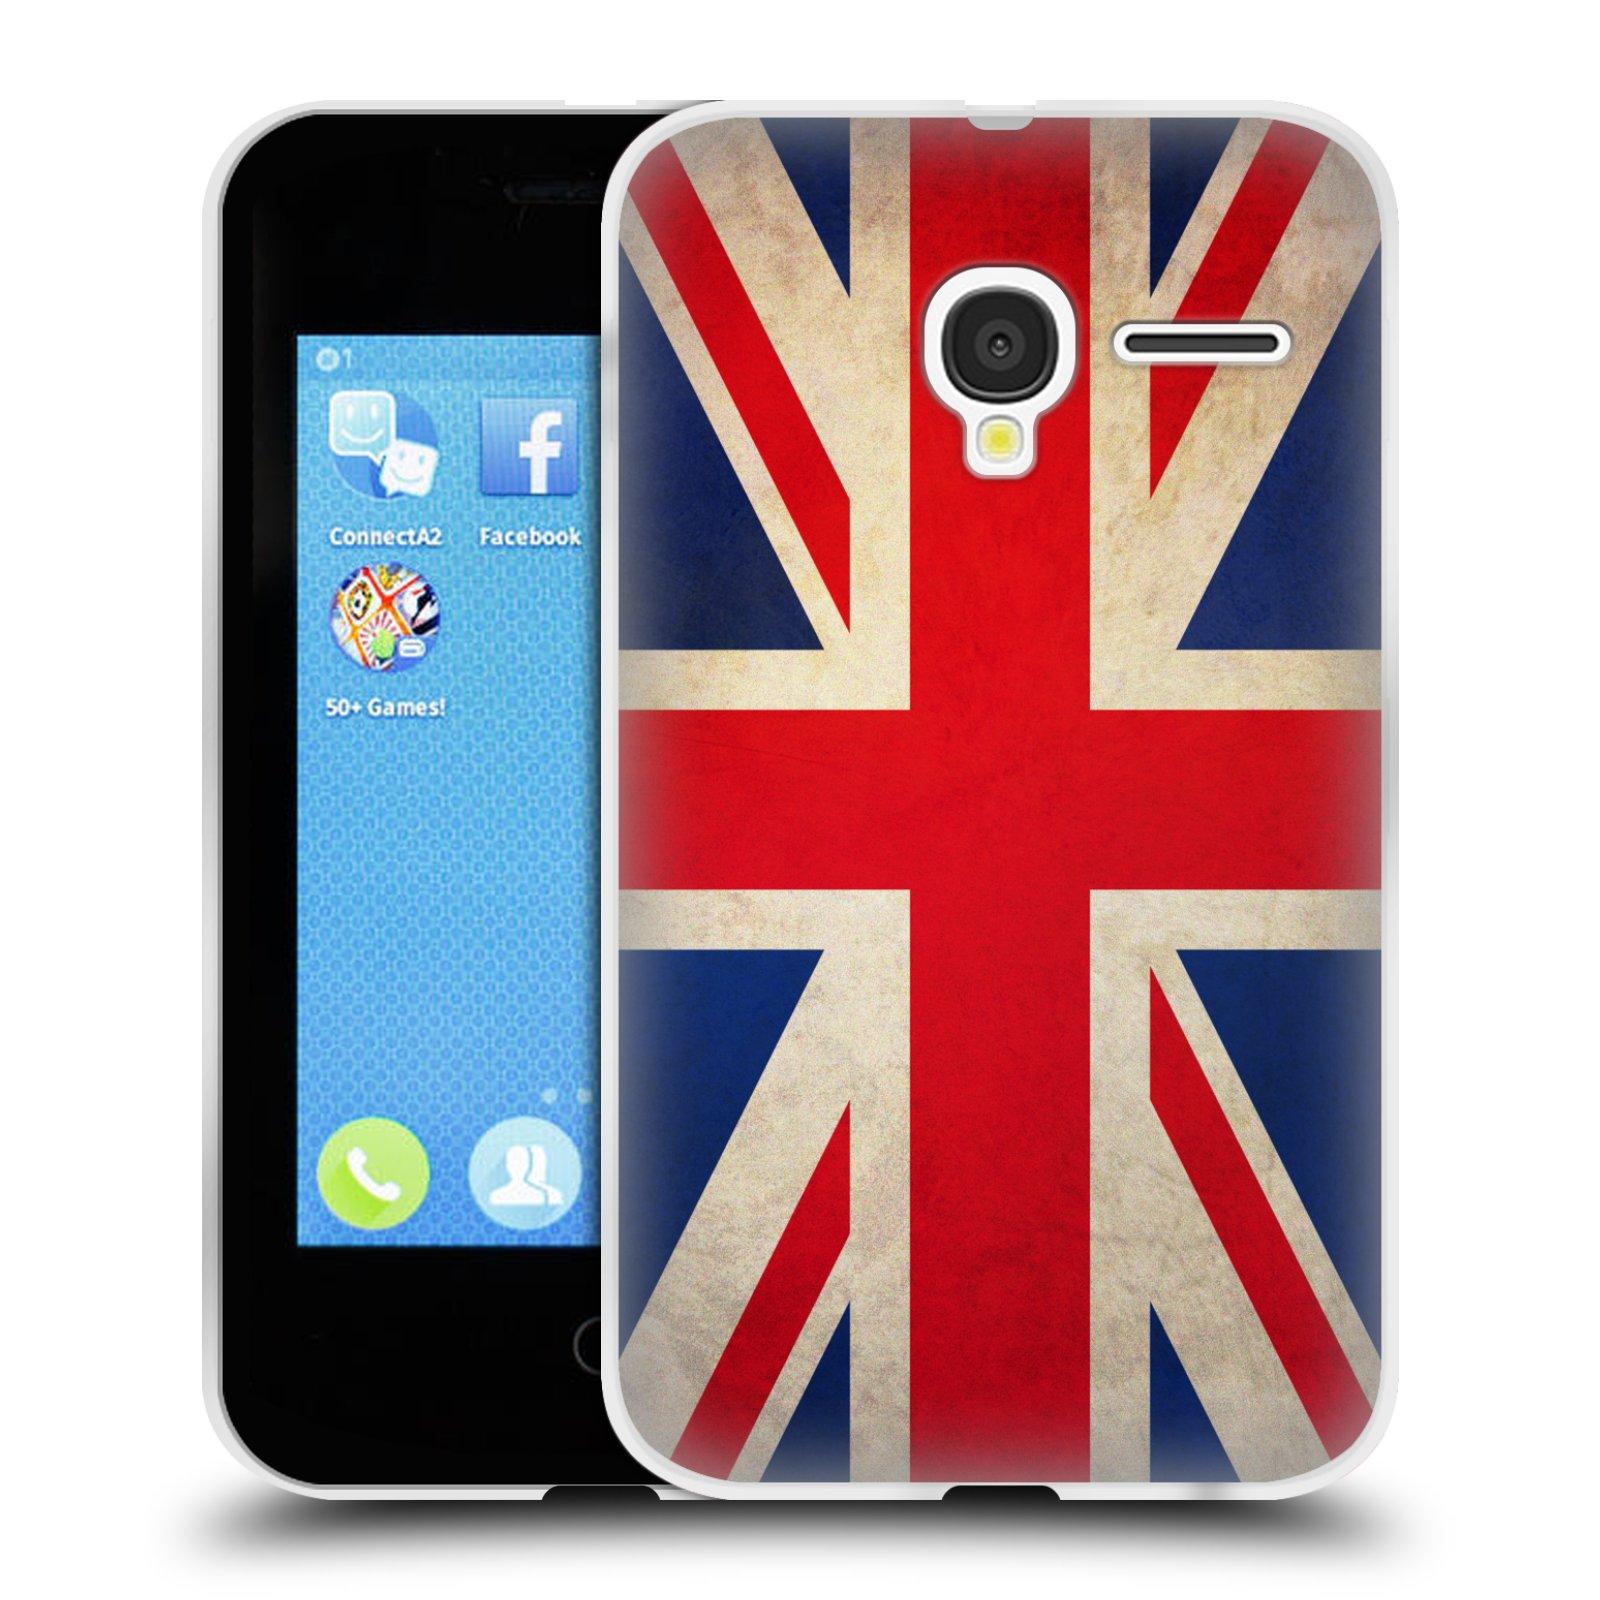 HEAD CASE silikonový obal na mobil Alcatel PIXI 3 OT-4022D (3,5 palcový displej) vzor VINTAGE VLAJKY VELKÁ BRITÁNIE